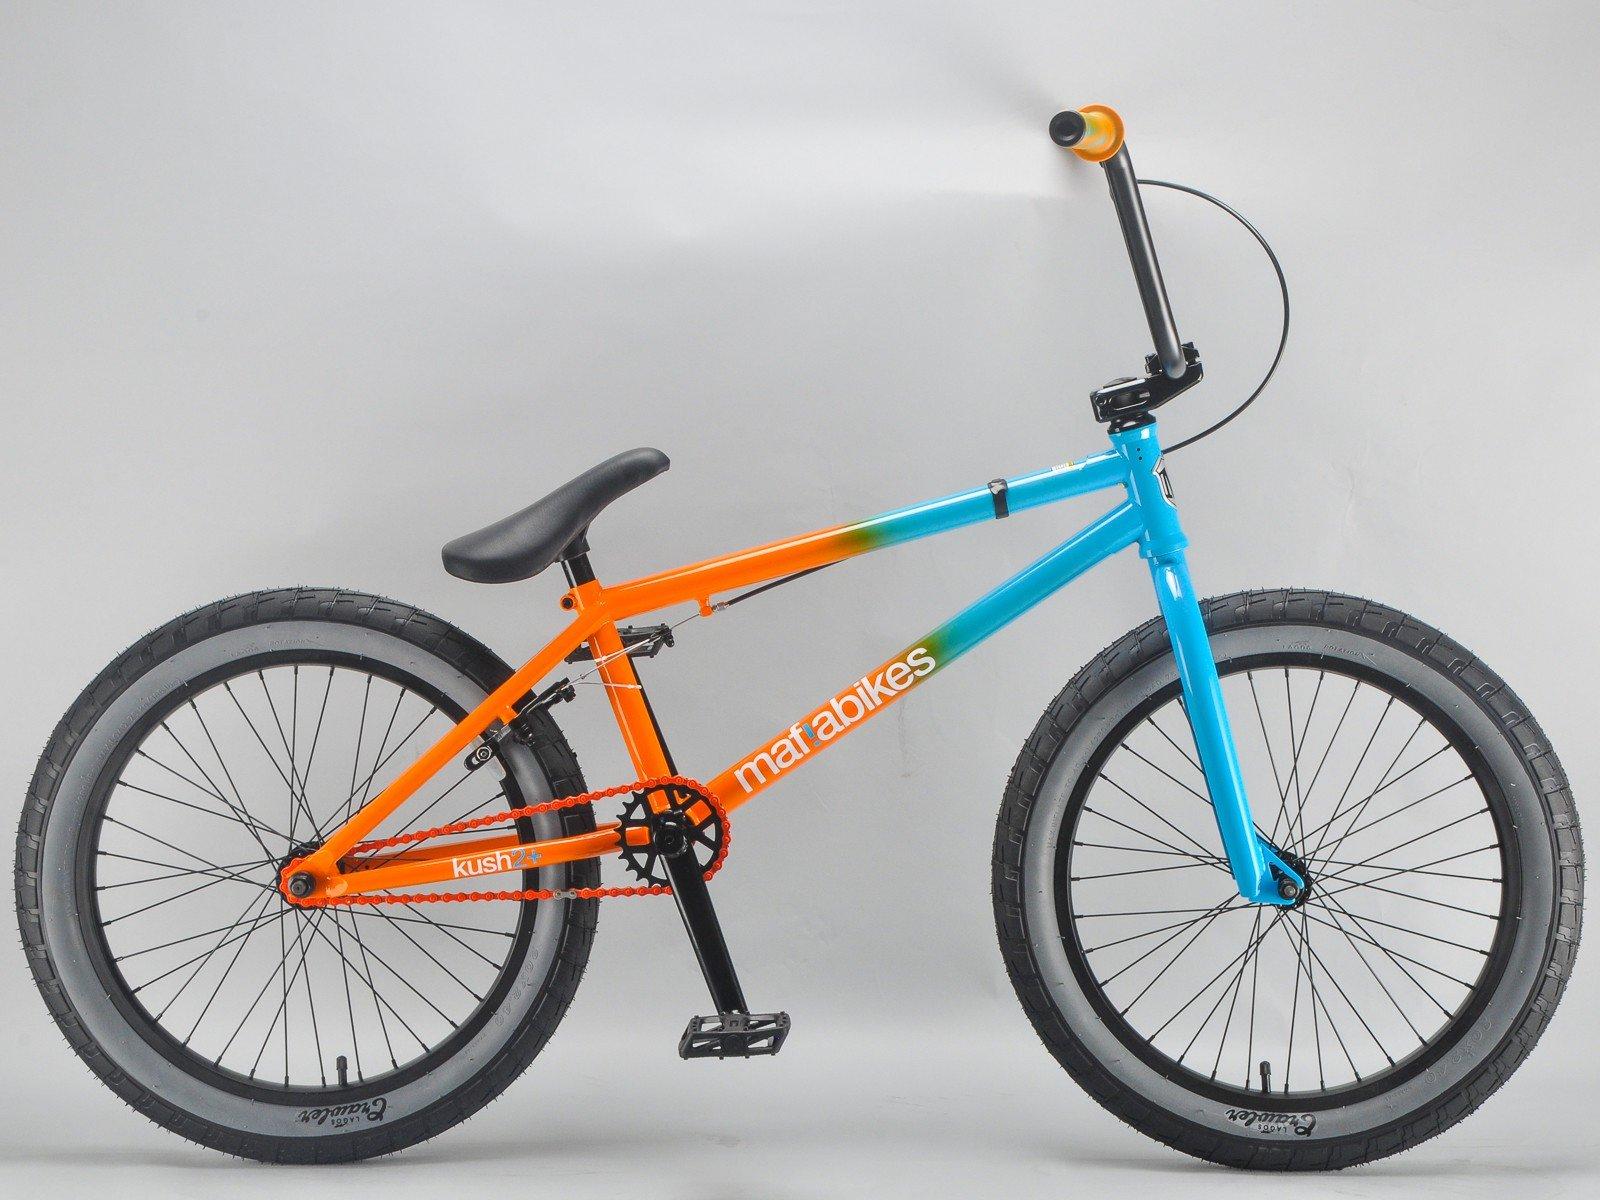 Mafiabikes Kush 2+ Bmx - Bicicleta, Color Azul y Naranja, 50,8 Cm ...